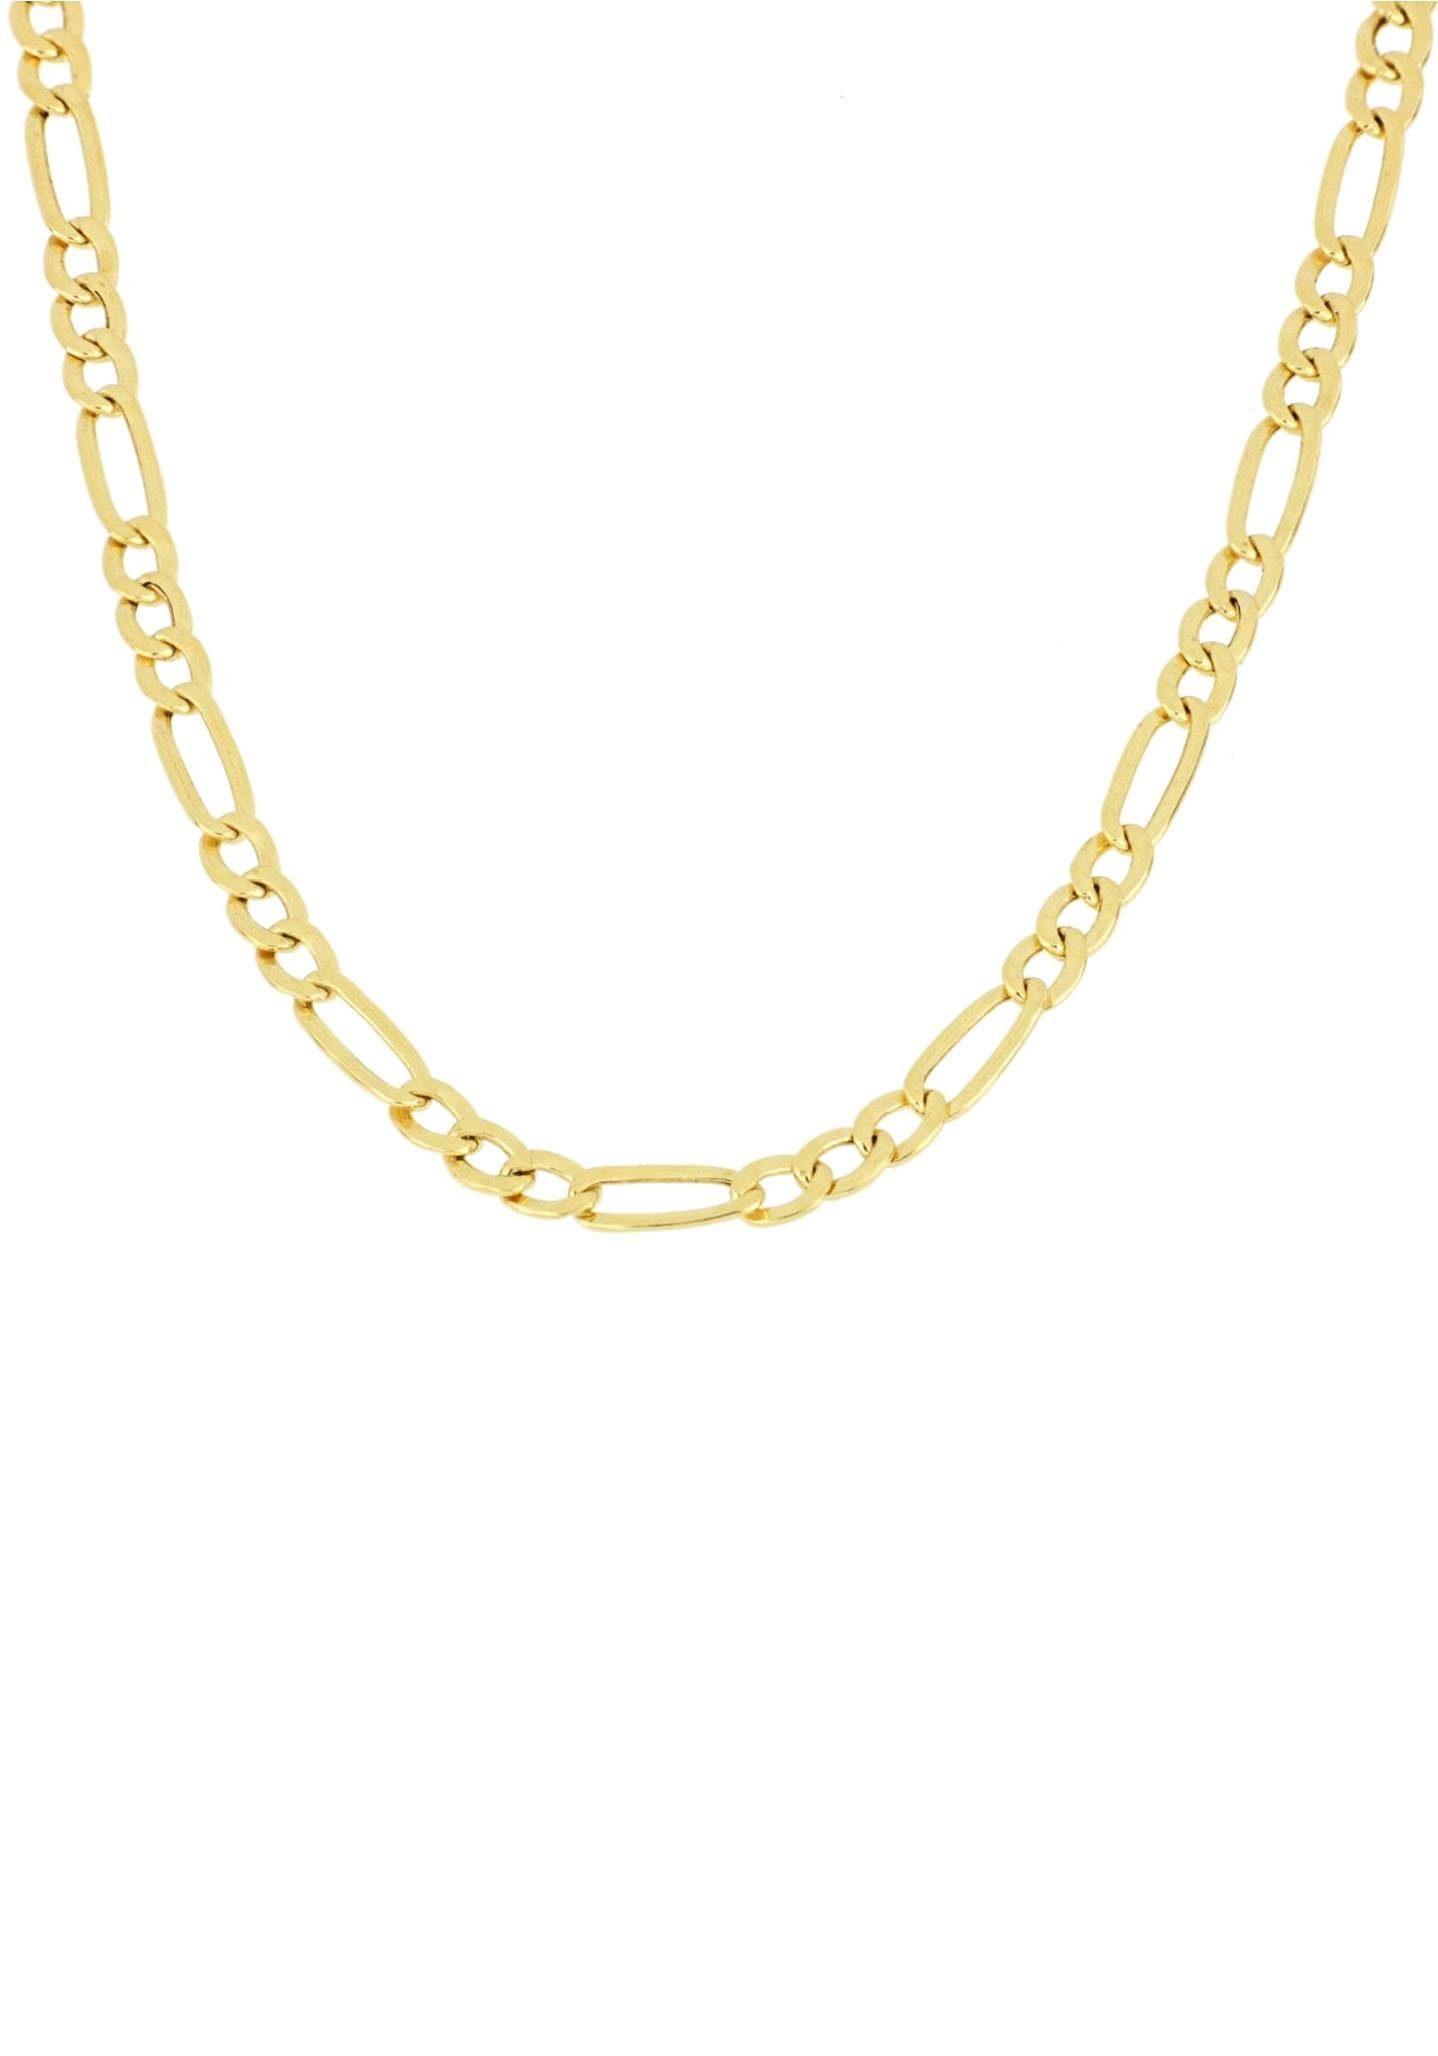 5 Mm2 »figarokettengliederung2 Collierkettchen Firetti fach Diamantiert« Online Kaufen nN0OwPkXZ8